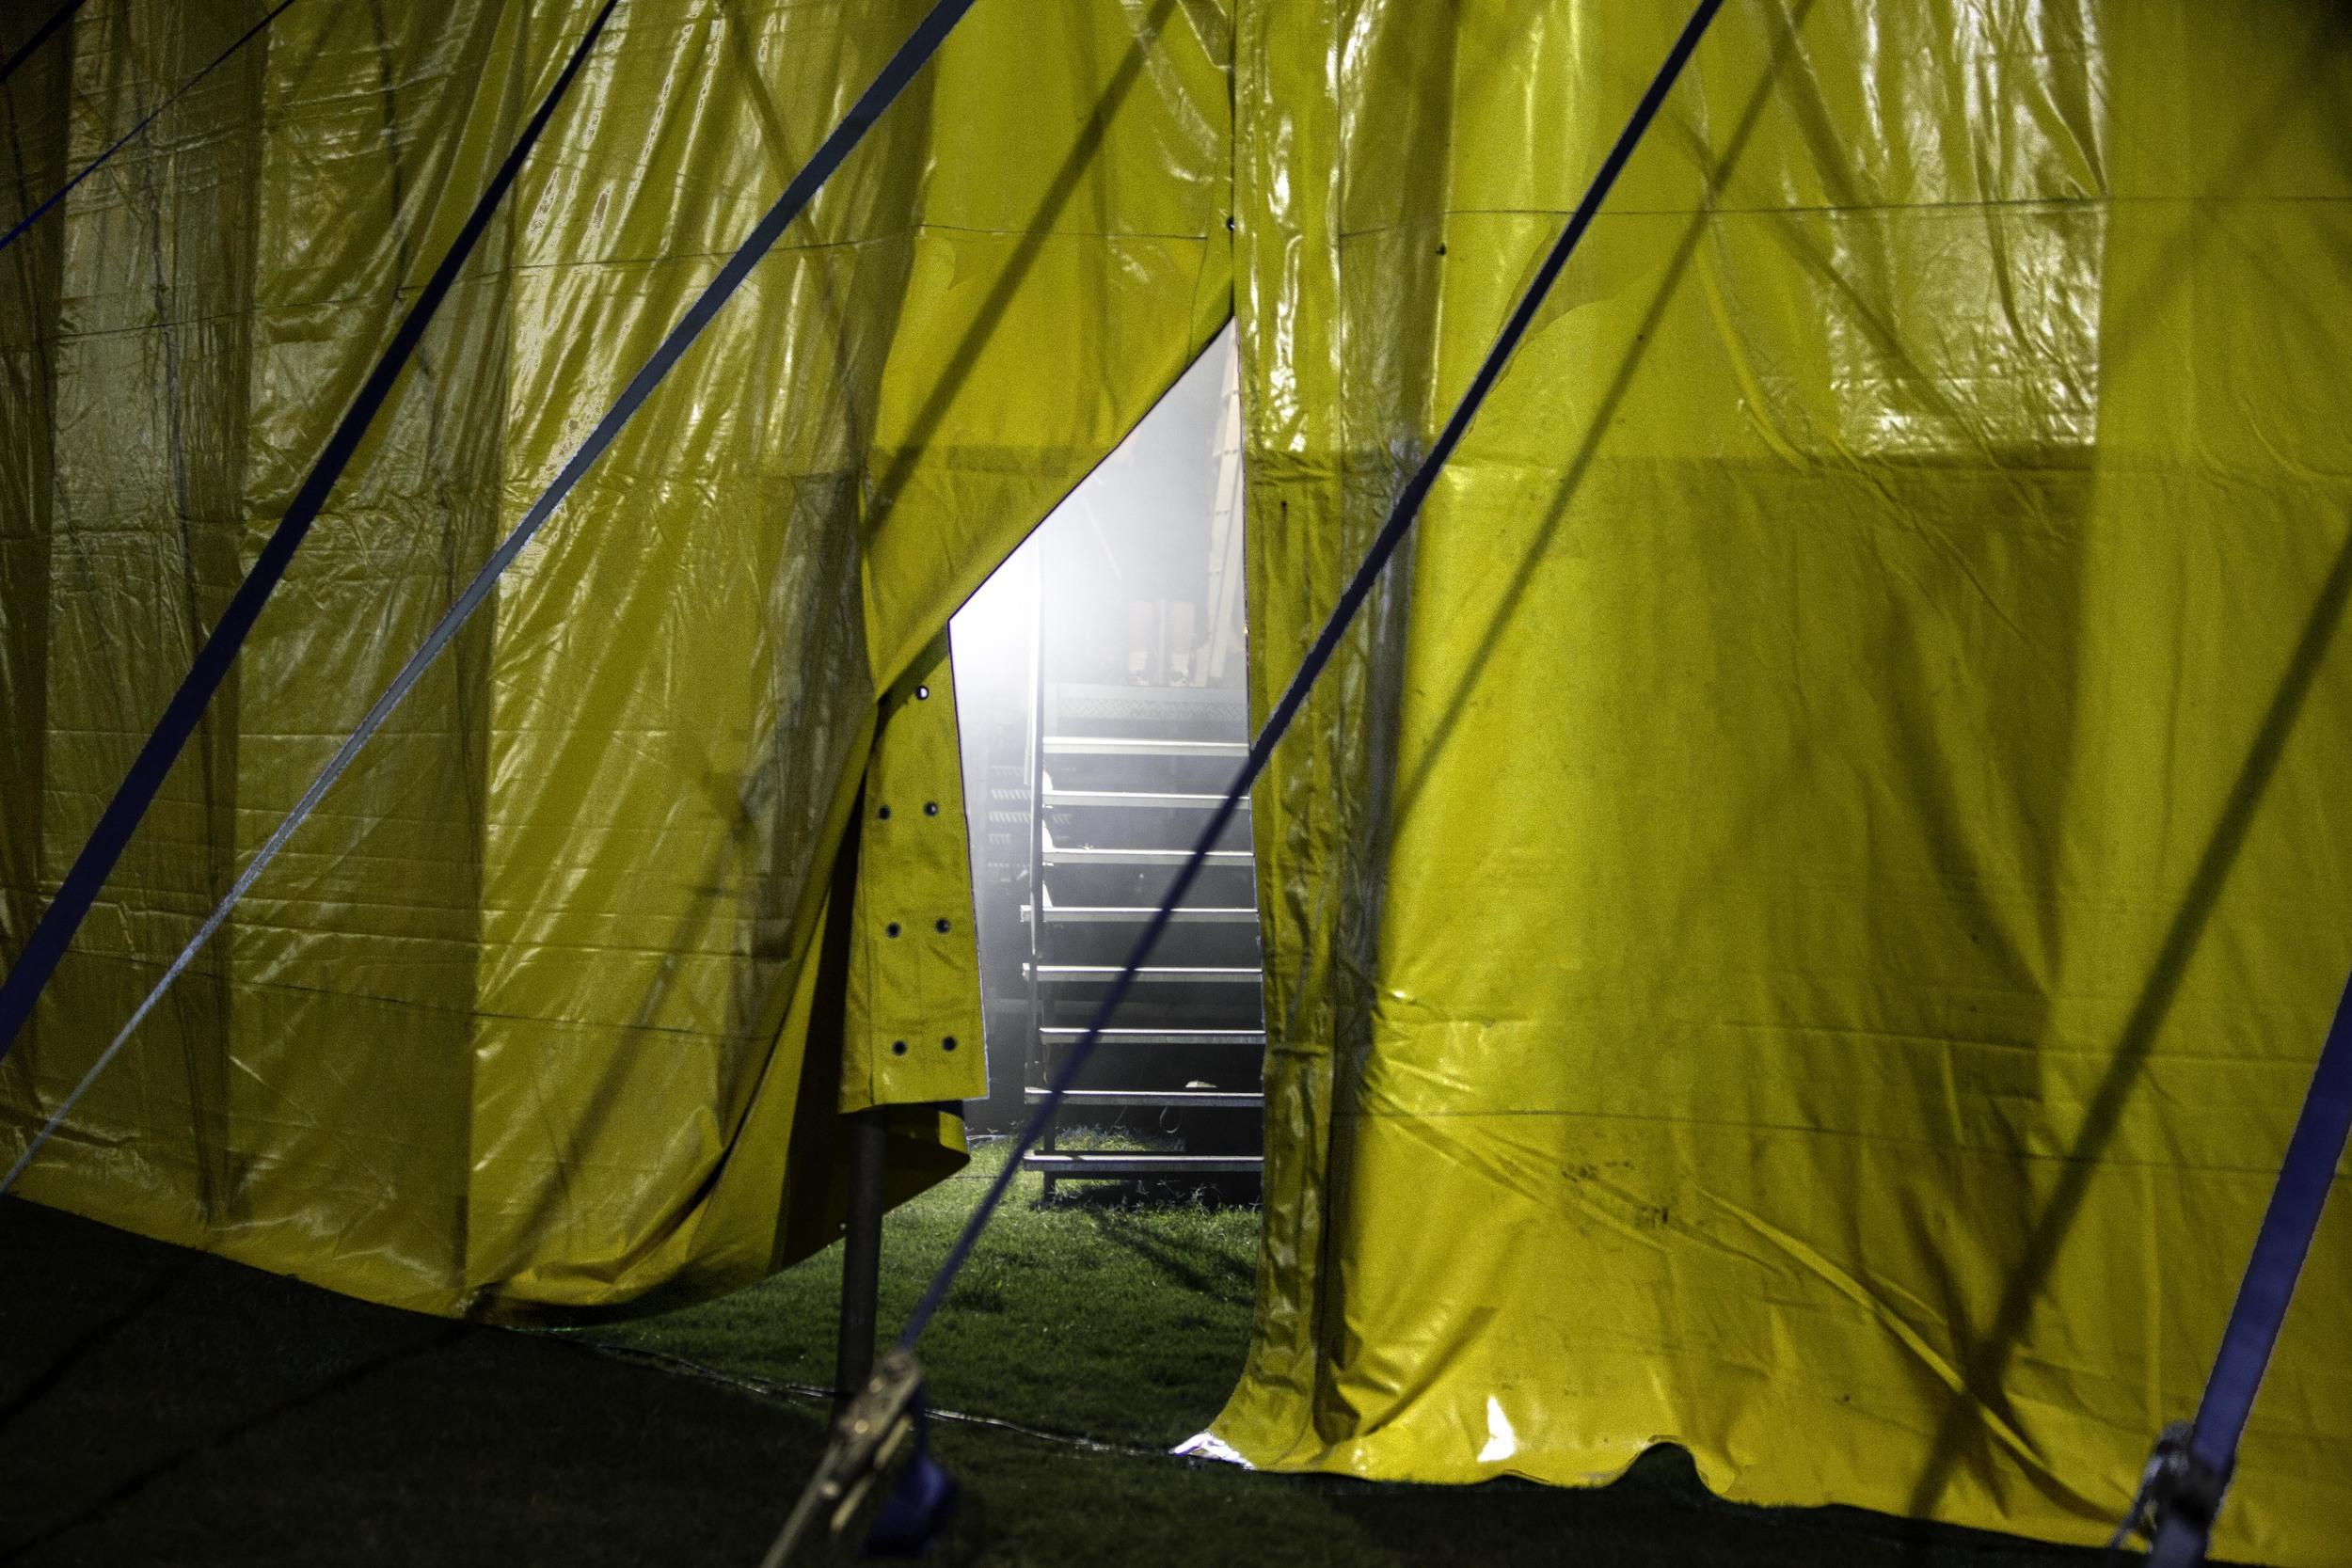 Enter the Redbull Tent | St Jeromes Laneway Festival, Brisbane